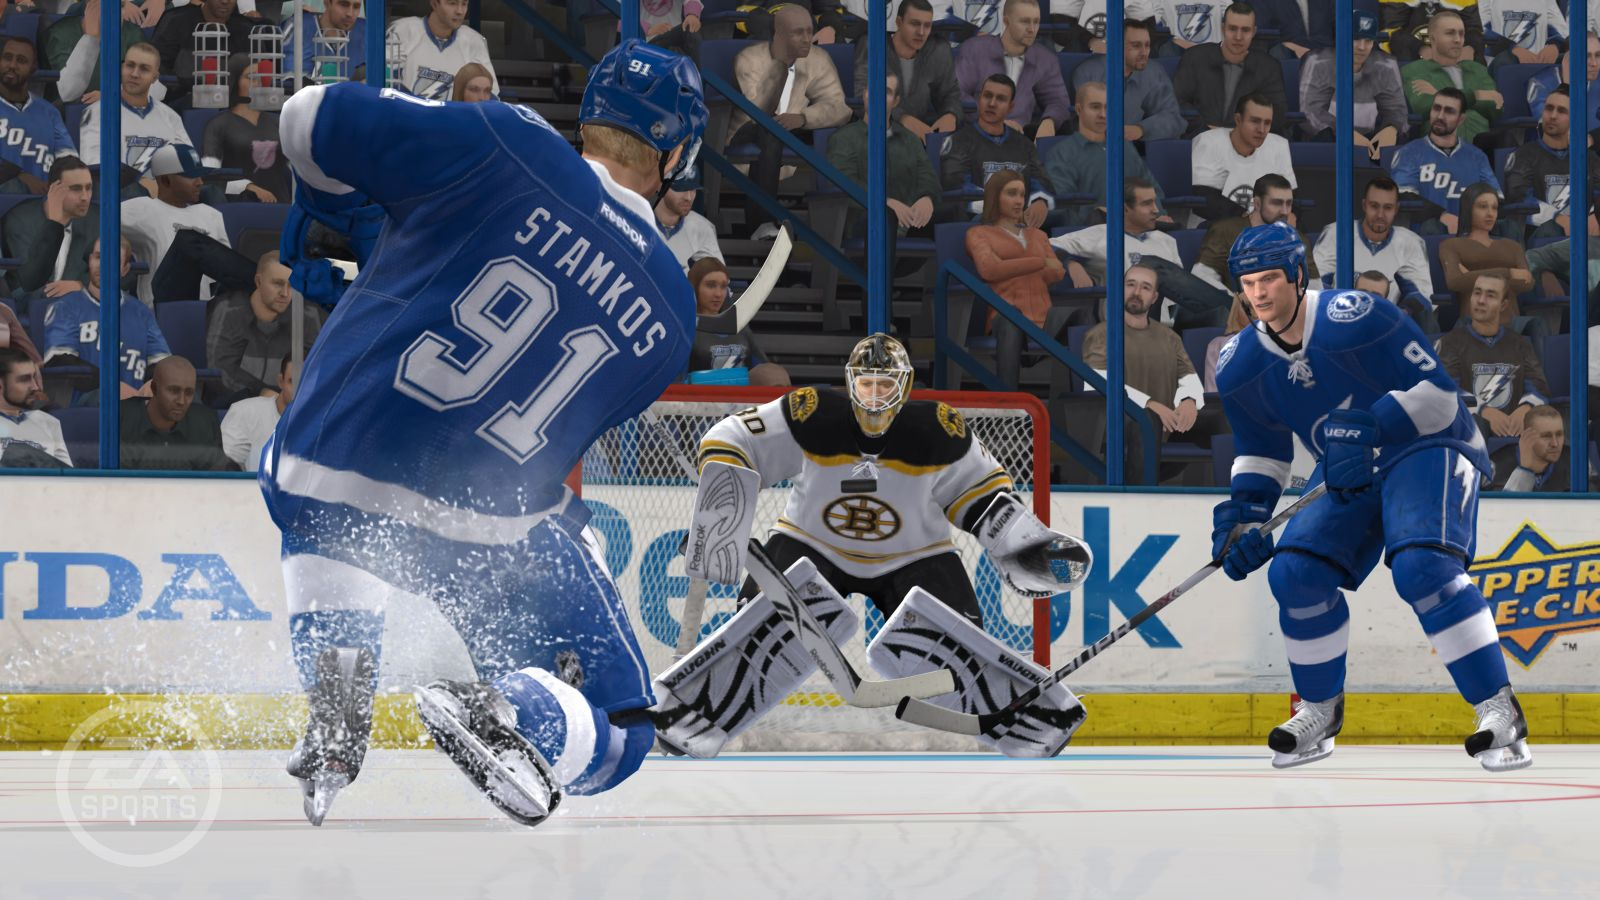 Tváří NHL 12 je Steven Stamkos 45416